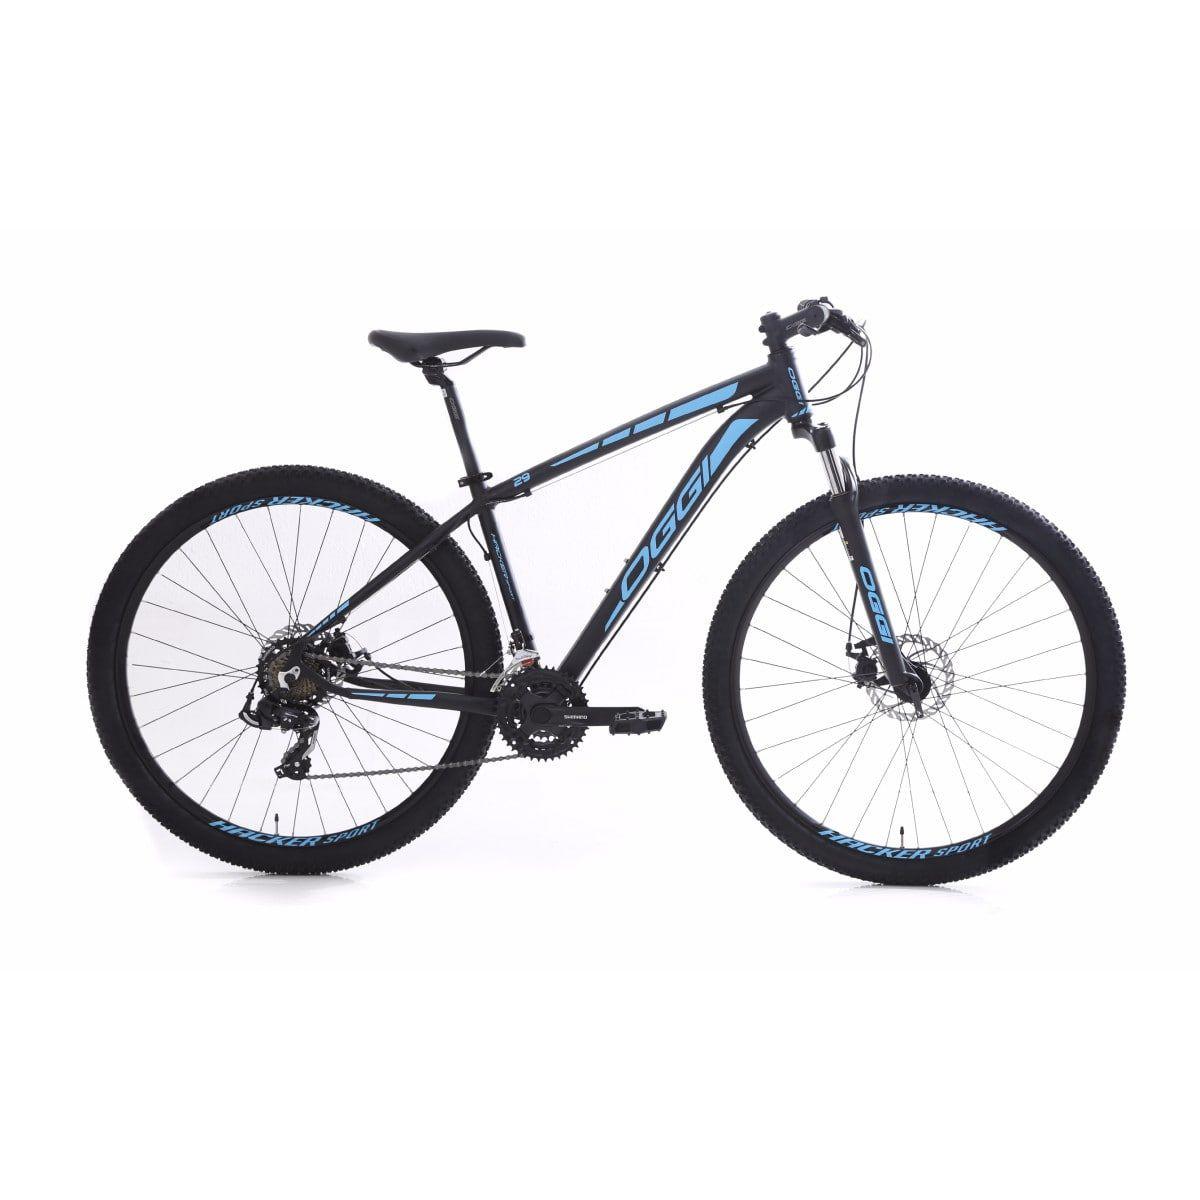 b518500e3 Bike Oggi Hacker Sport 2019 21v Freio a Disco Shimano - Life Pedal ...